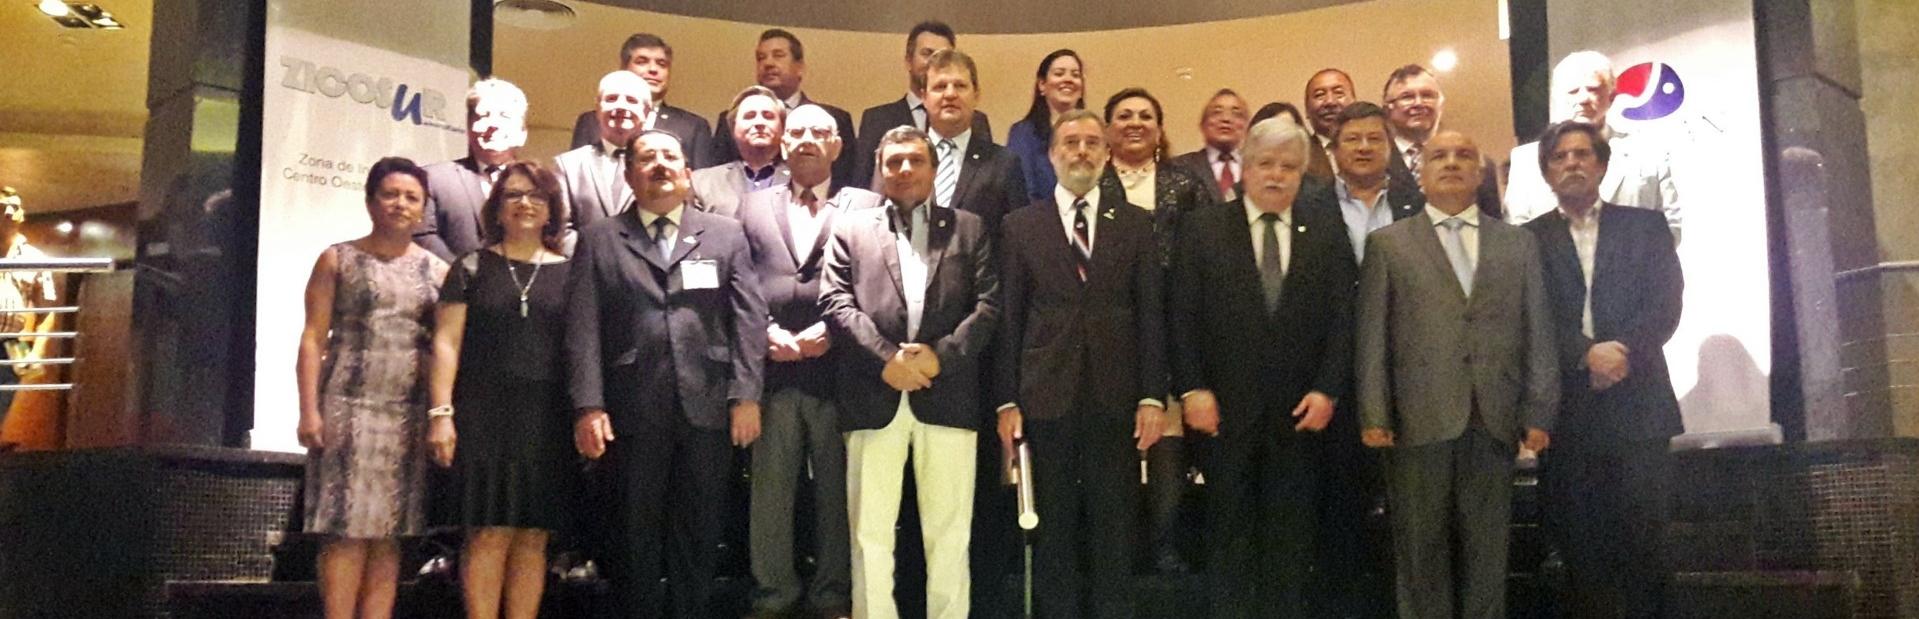 inicia-la-cumbre-de-rectores-zicosur-universitario-2016-destacado